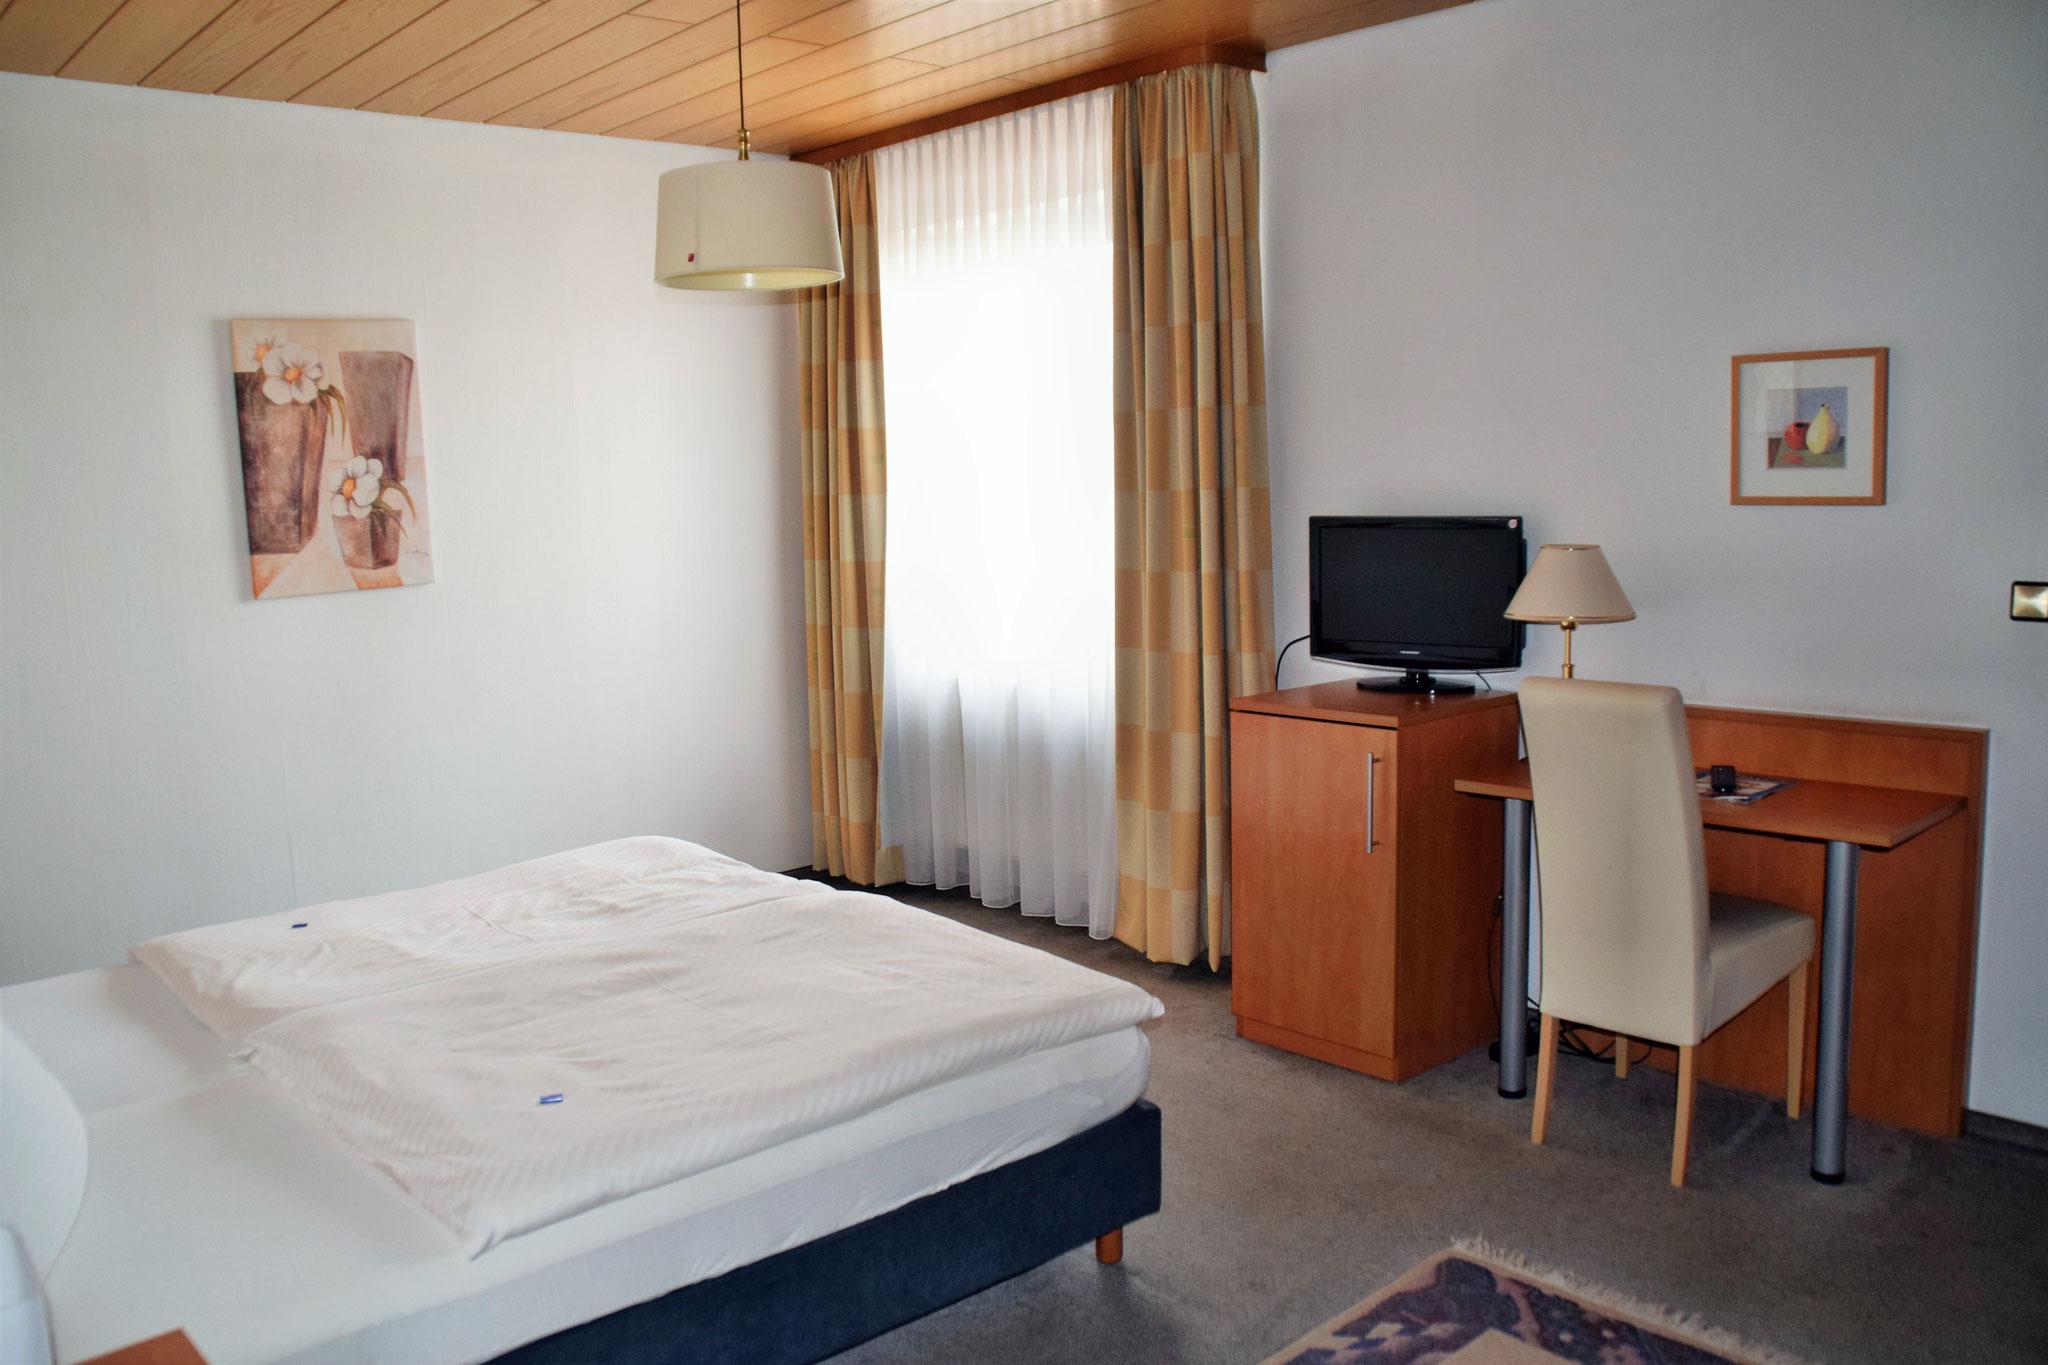 unsere zimmer verf gen ber folgende ausstattung hotel klein garni bexbach saar. Black Bedroom Furniture Sets. Home Design Ideas